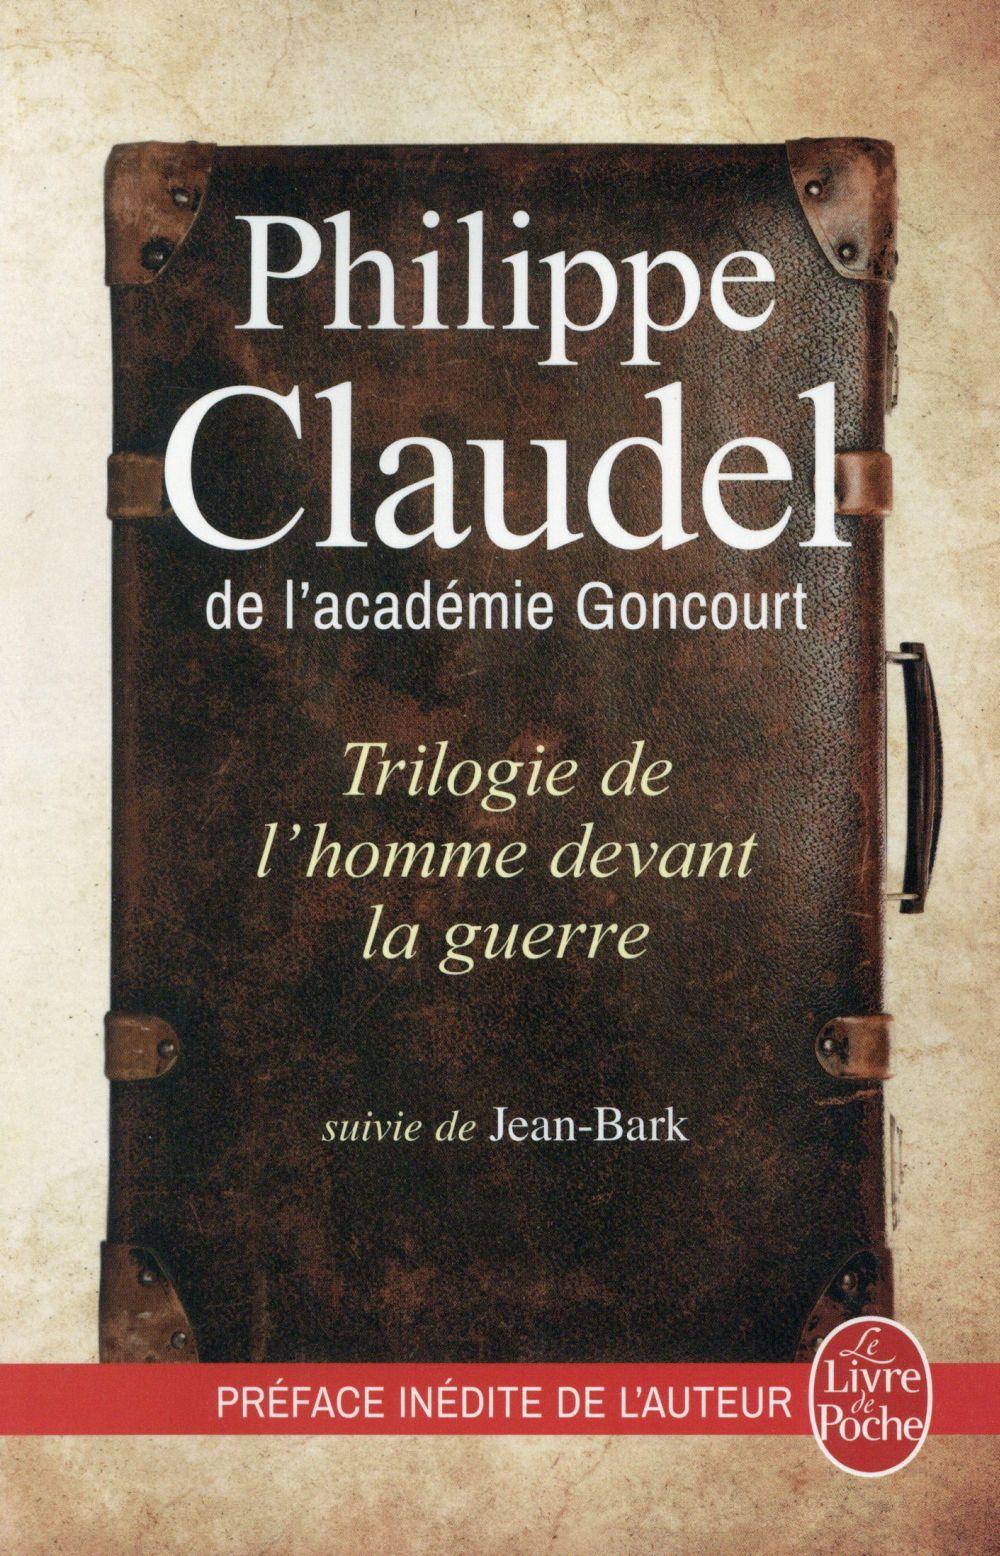 Trilogie de l'homme devant la guerre ; Jean-Bark